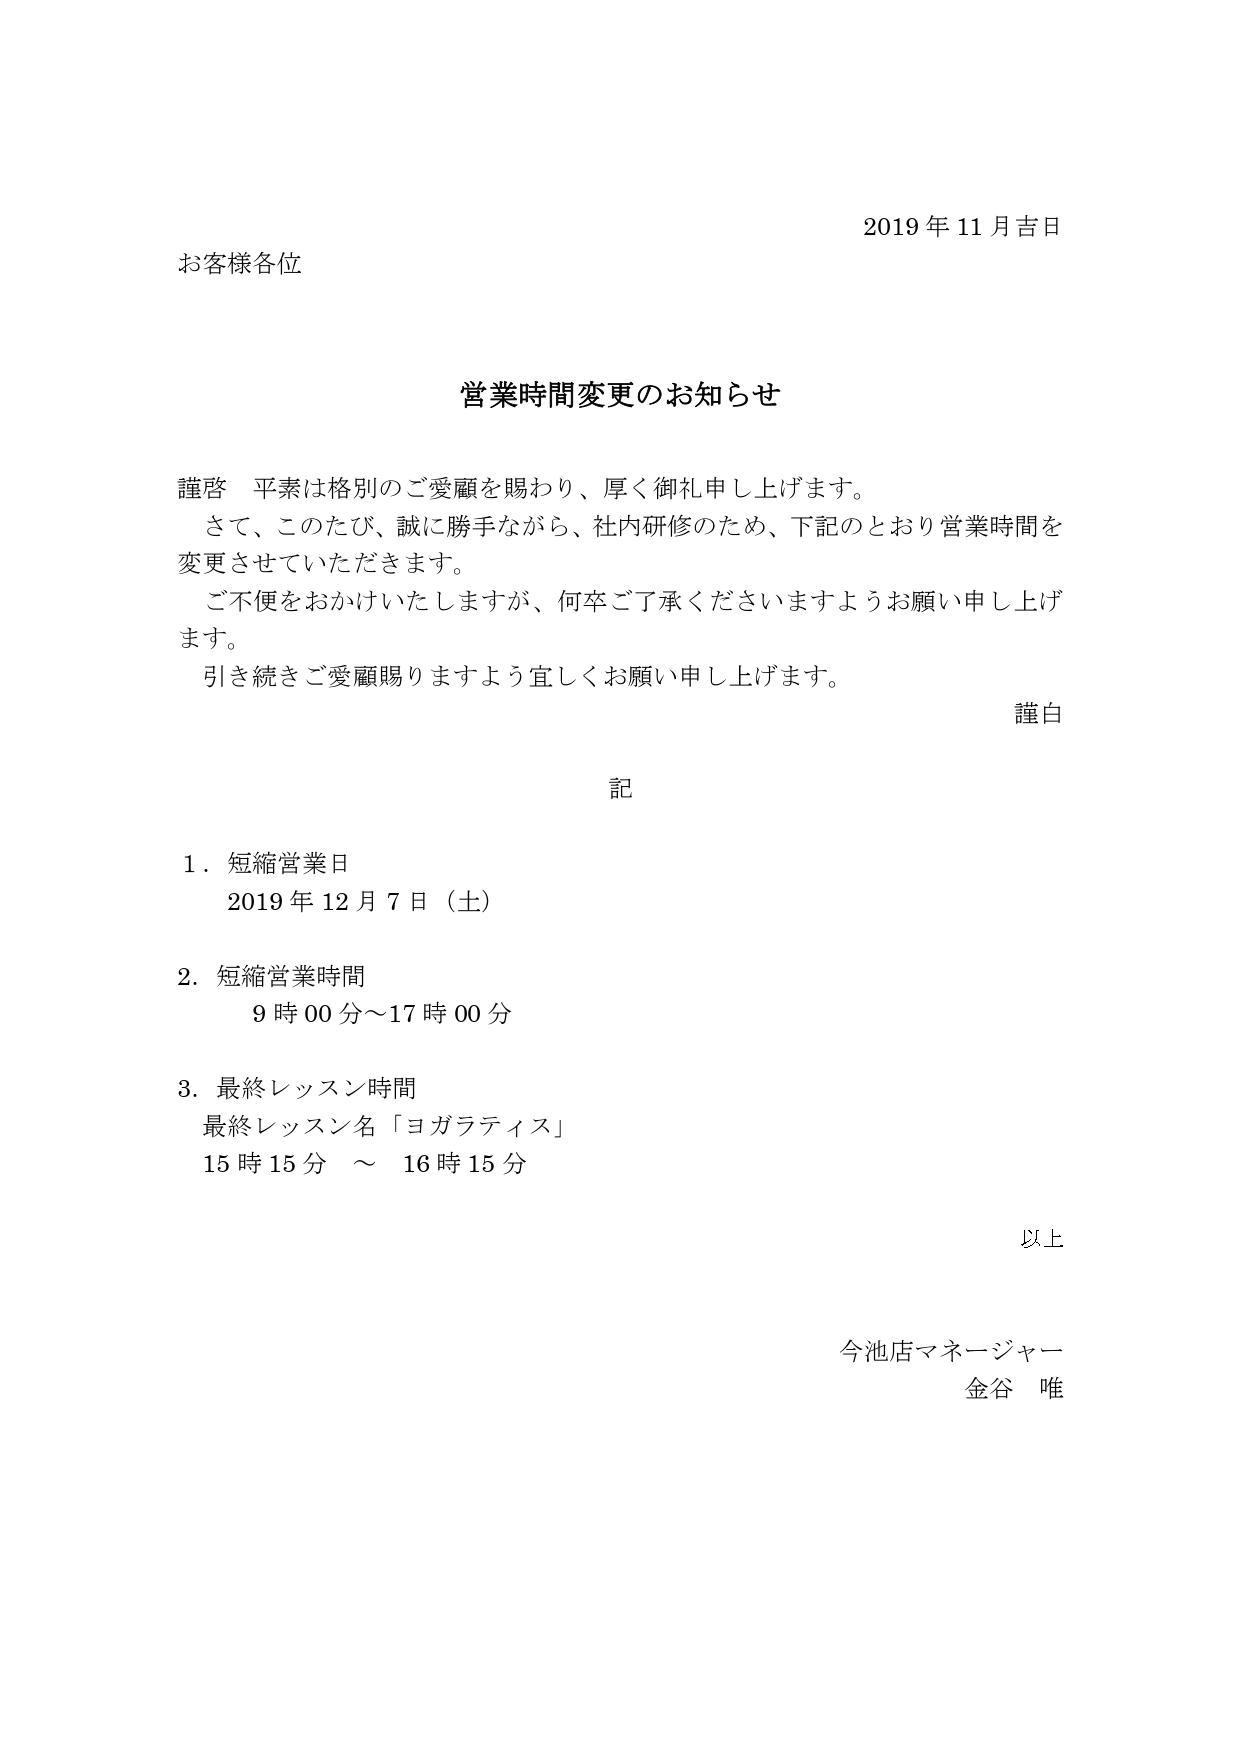 191102 短縮営業のお知らせ_page-0001